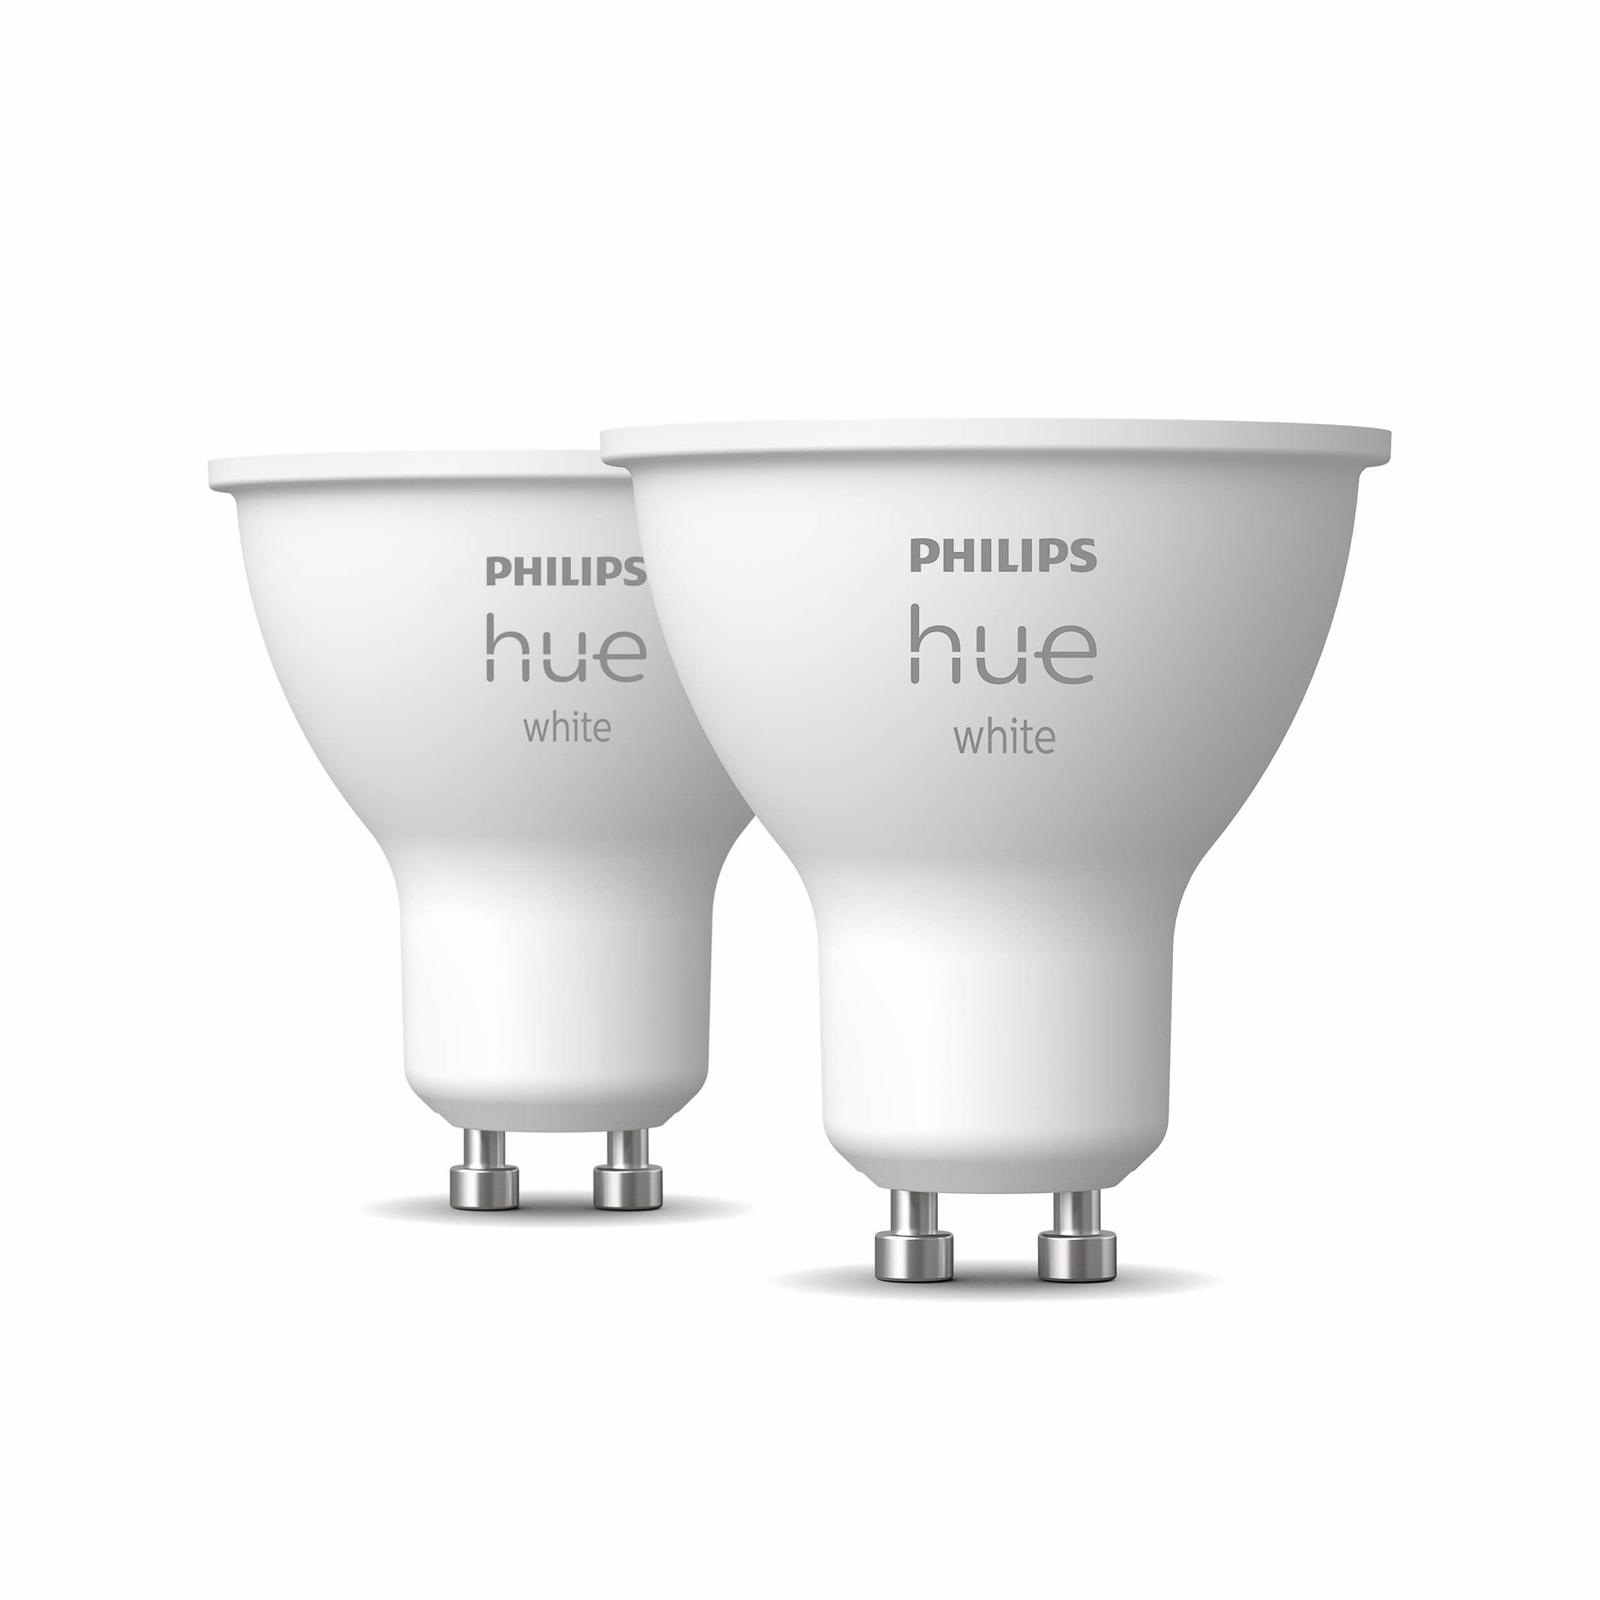 Philips Hue White 5,2 W GU10 LED-pære, 2-er-sett